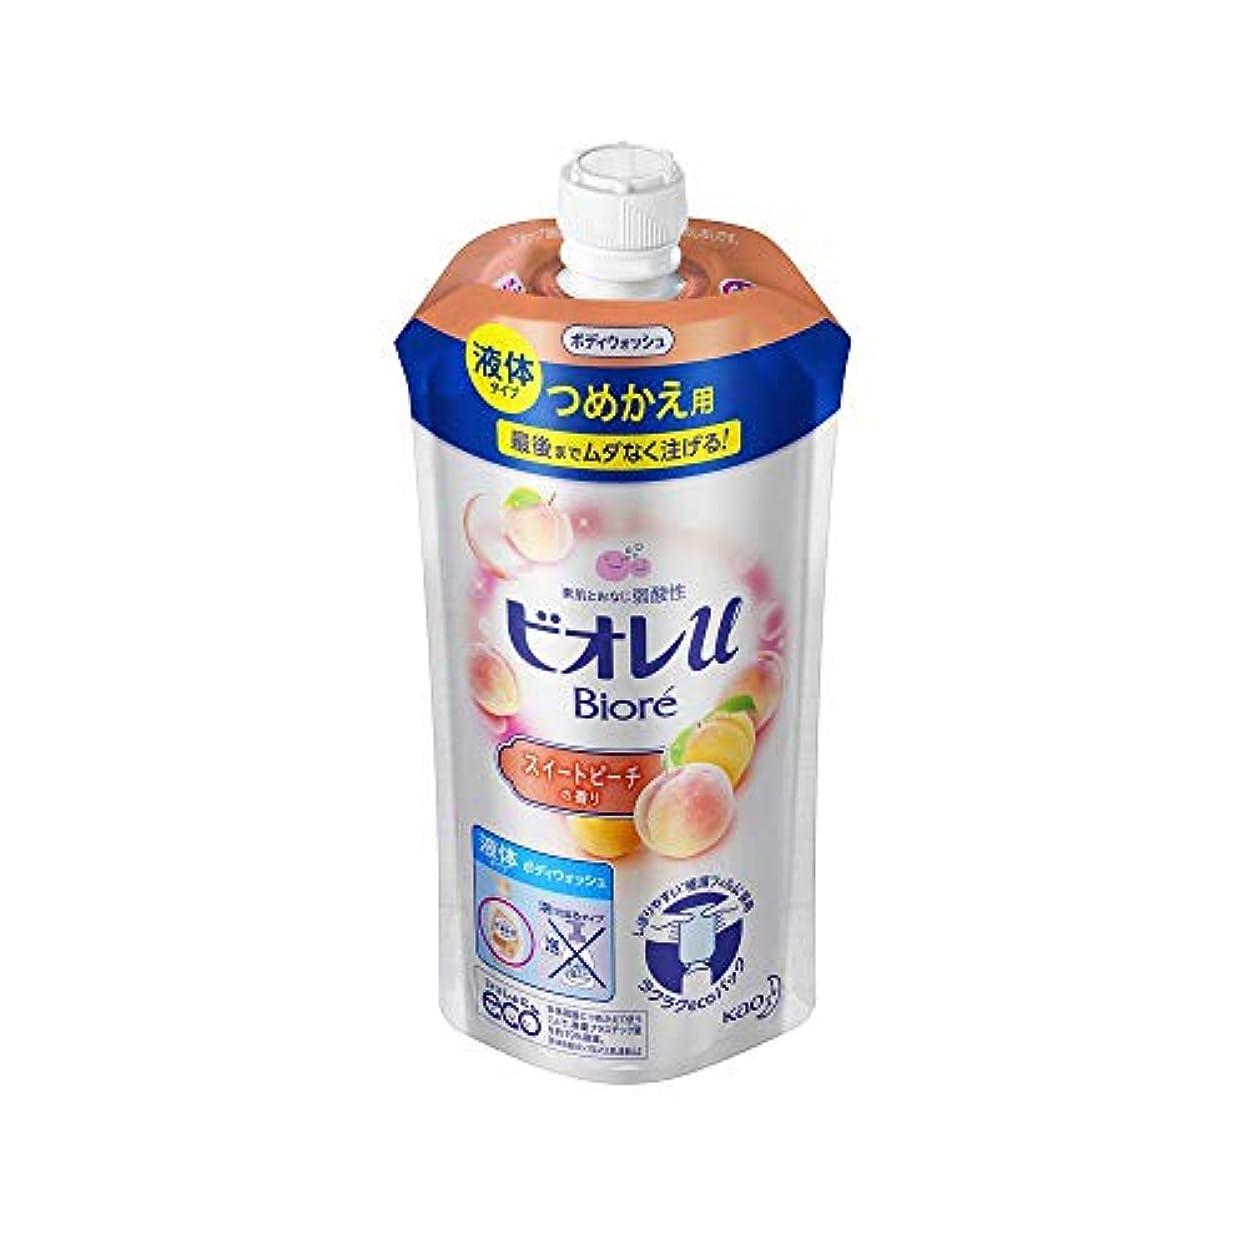 磁器努力する参加者花王 ビオレu スイートピーチの香りつめかえ用 340ML